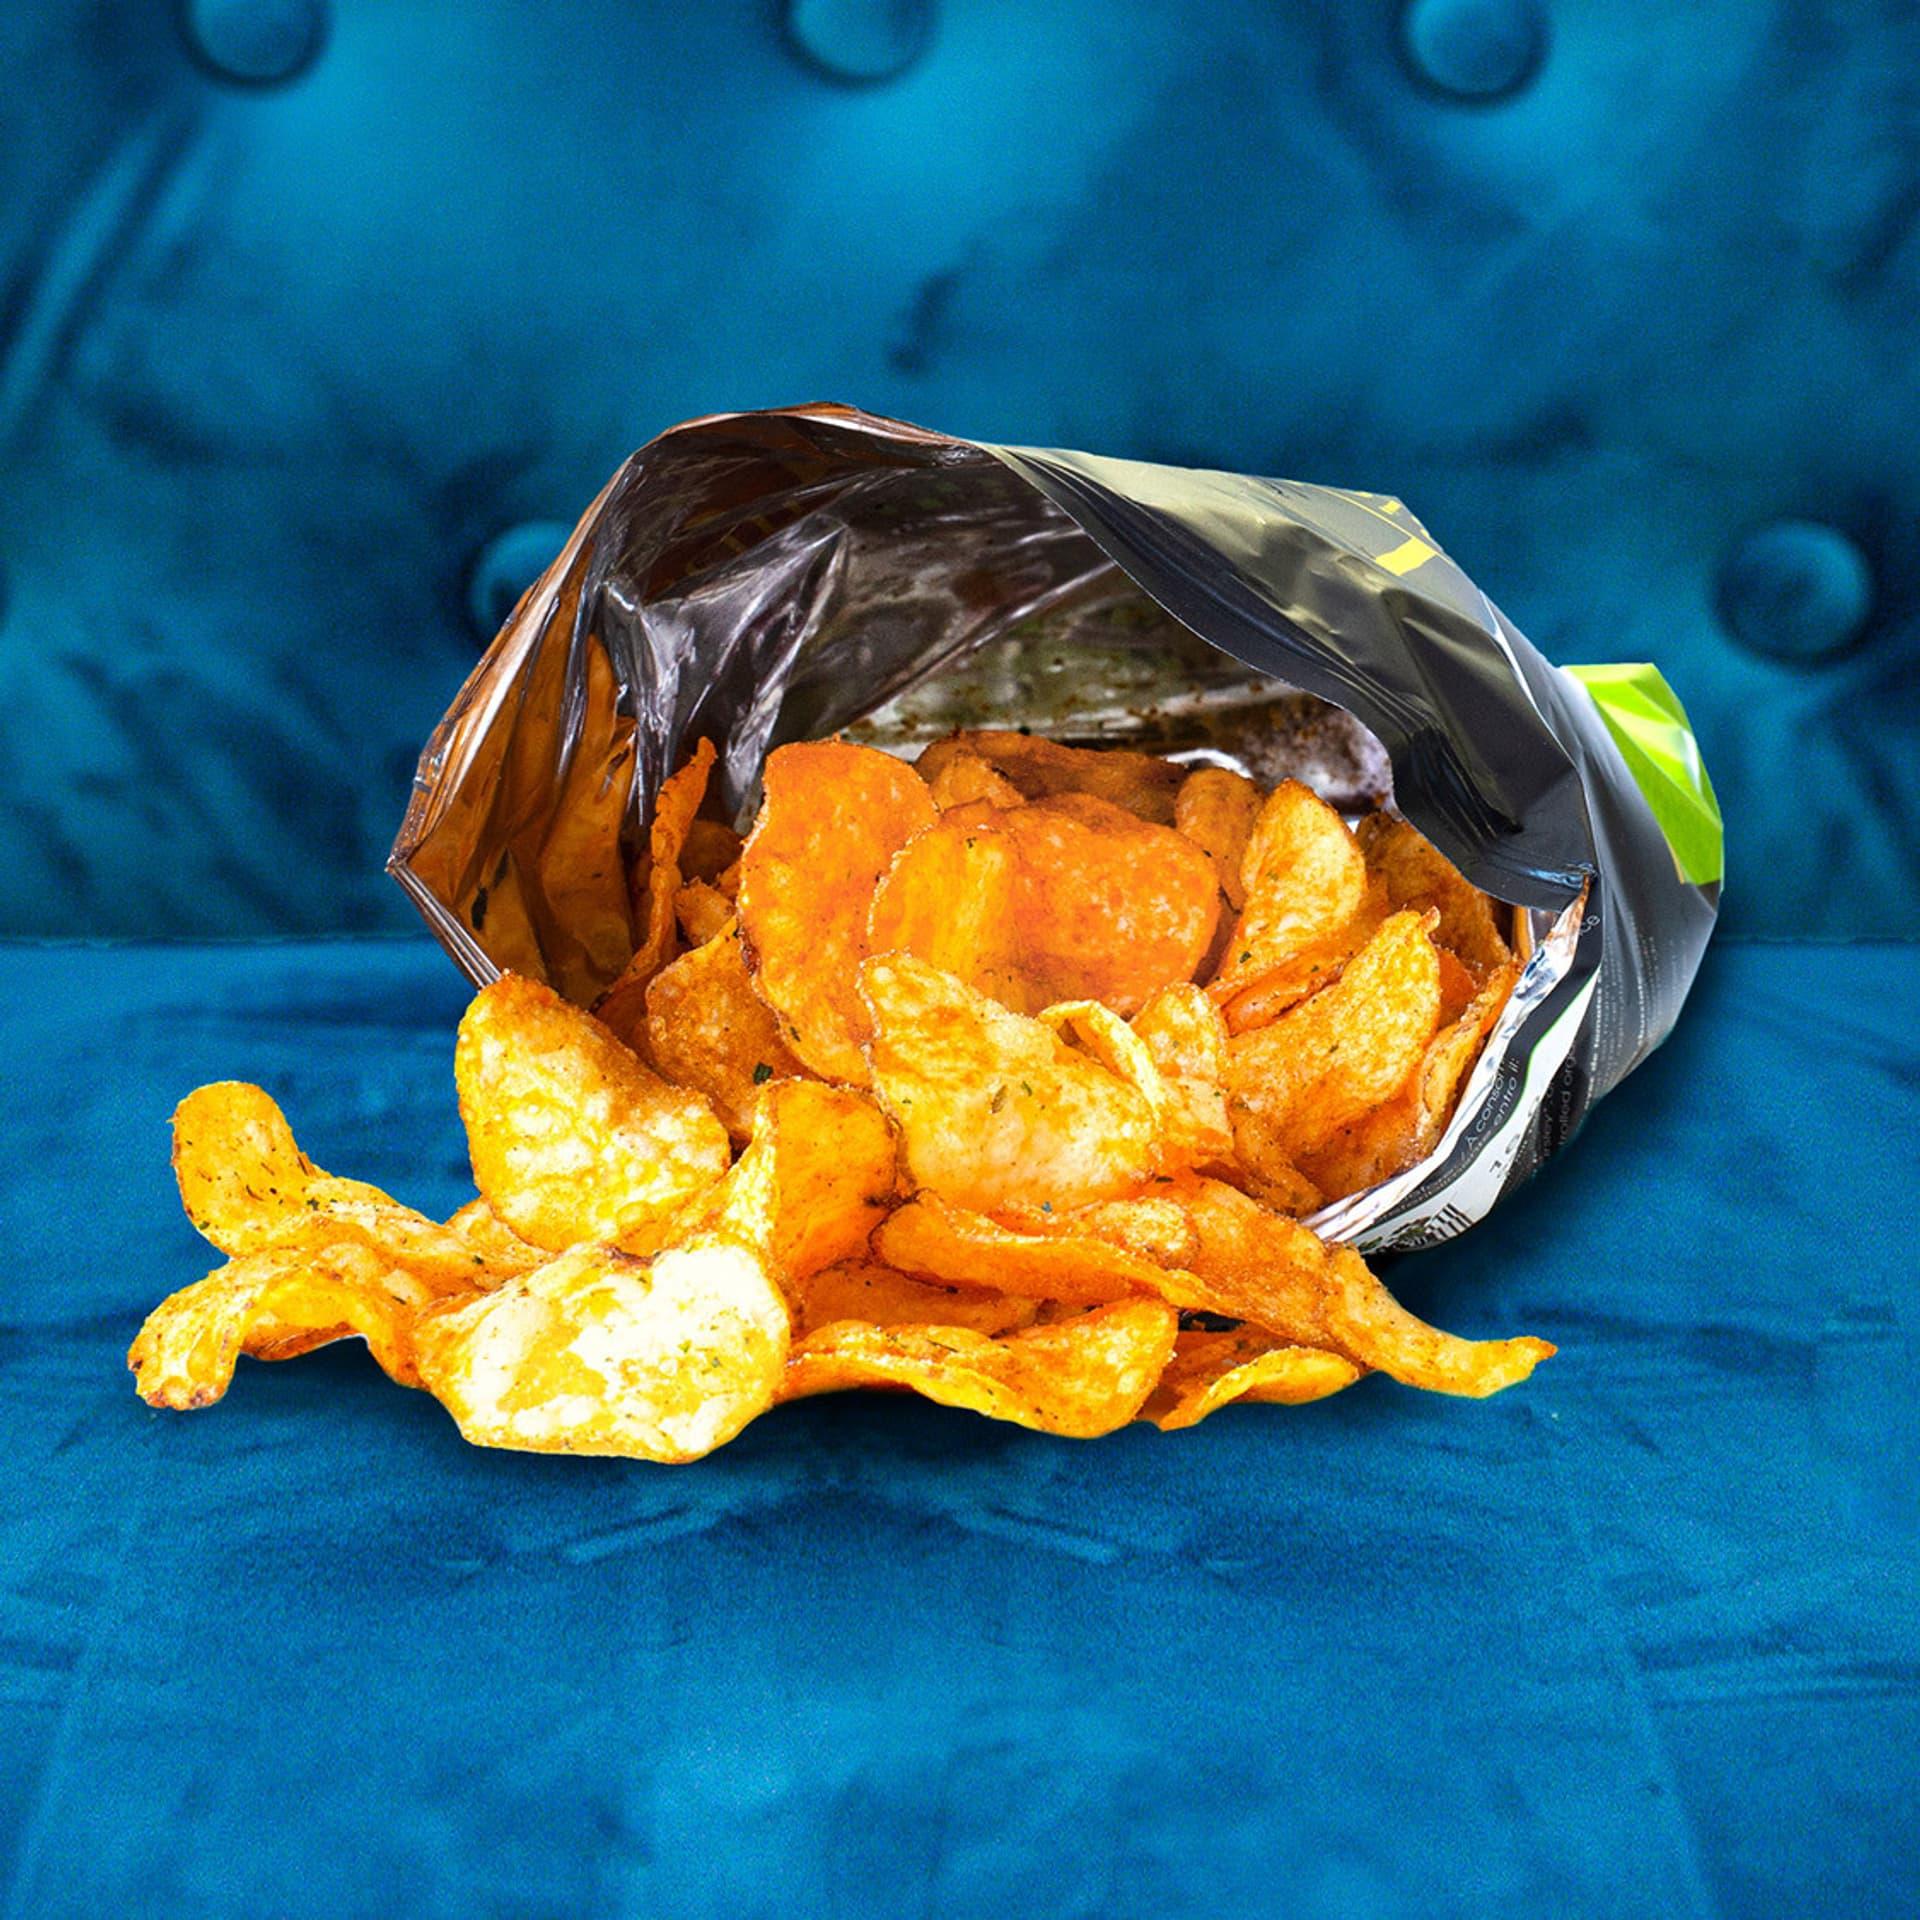 Eine Tüte Chips auf blauem Sofa